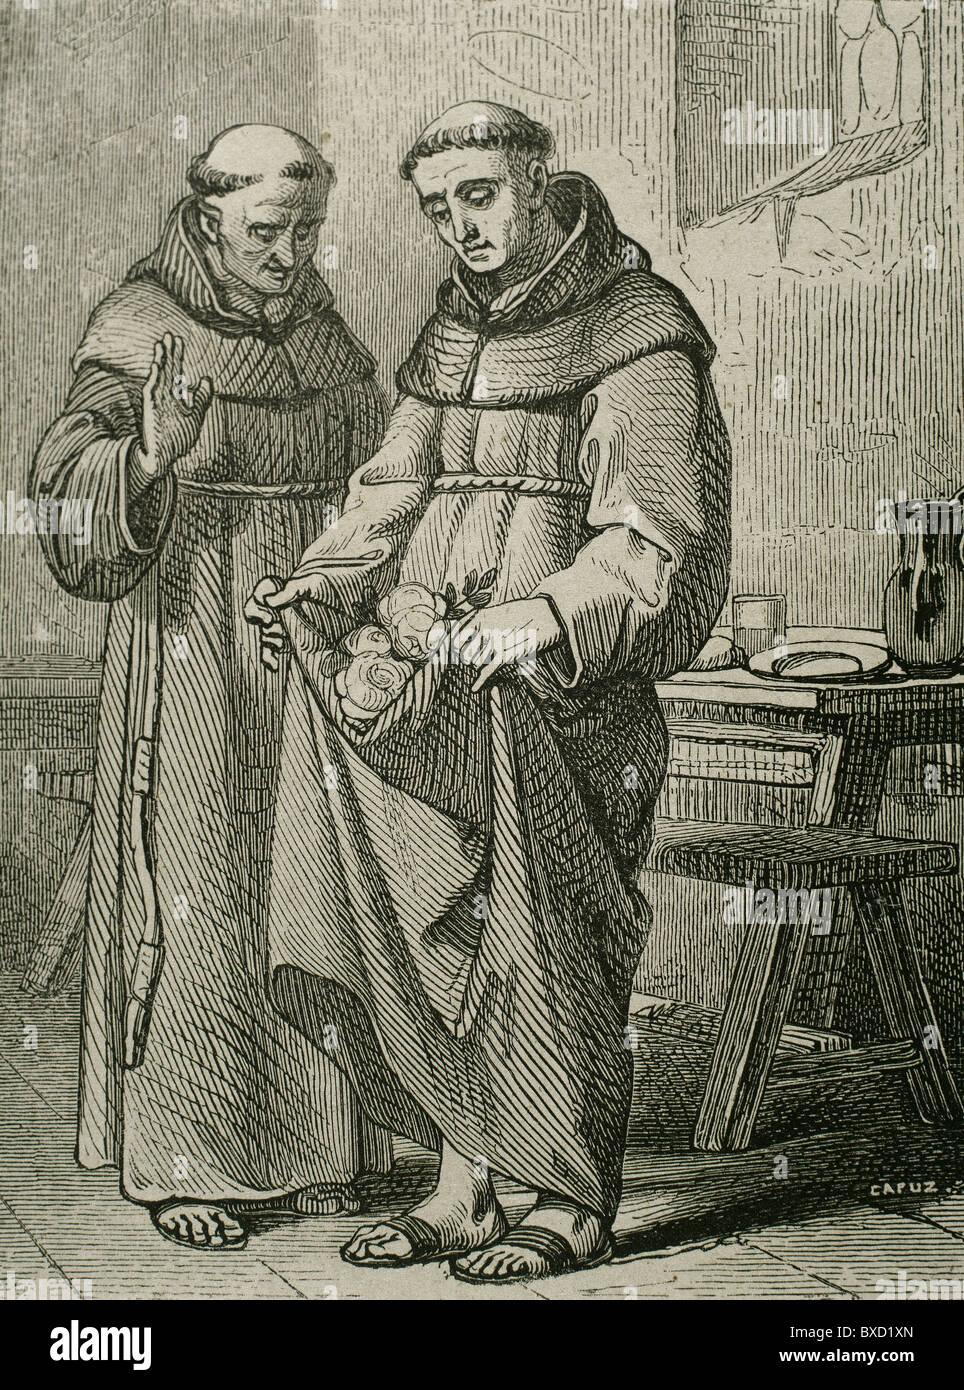 Saint Peter de Regalado (1390–1456). Friar Minor and reformer. - Stock Image